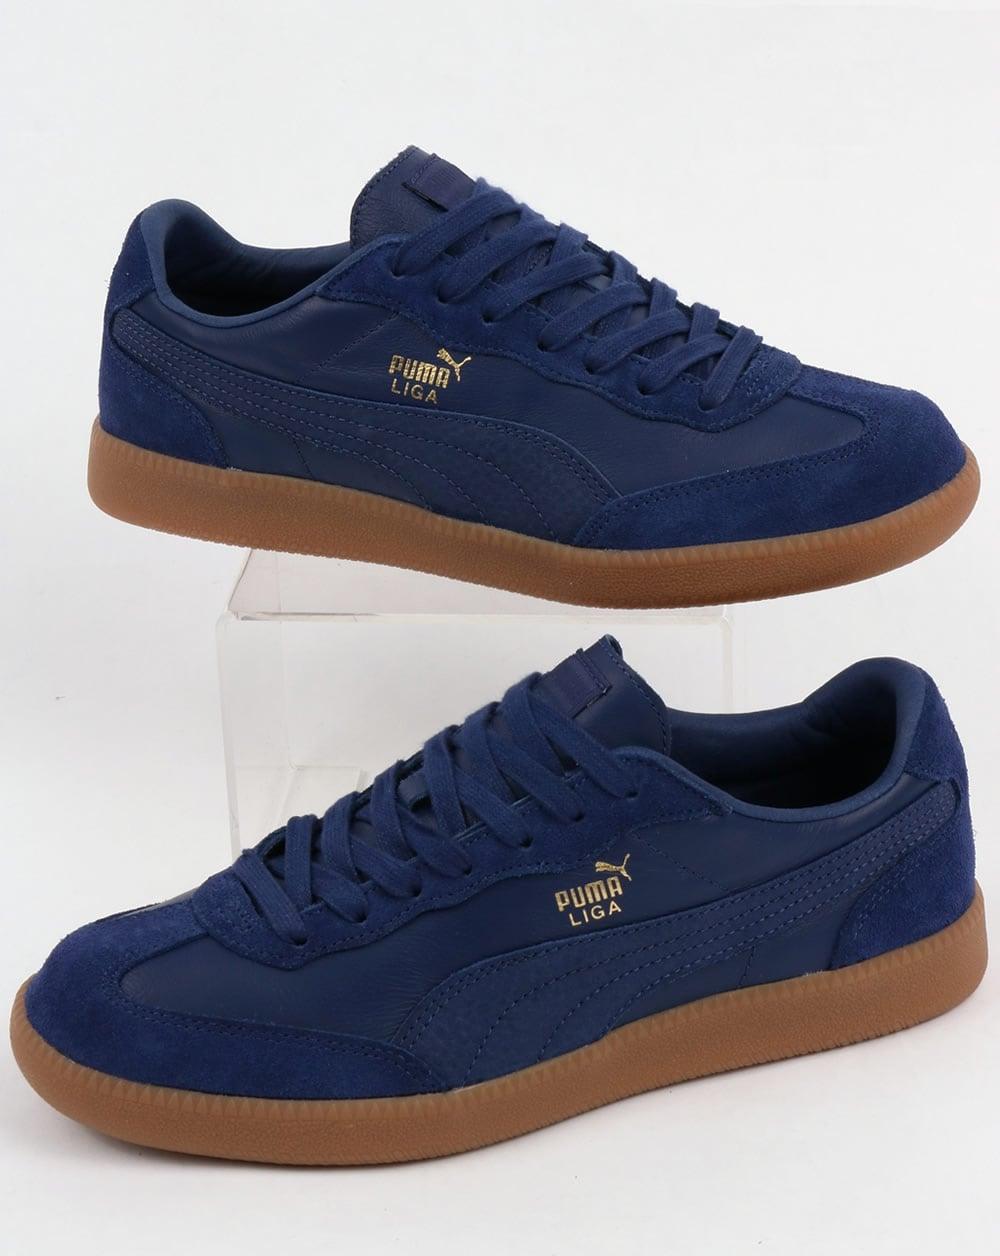 Puma Liga Leather Trainers Blue,classic